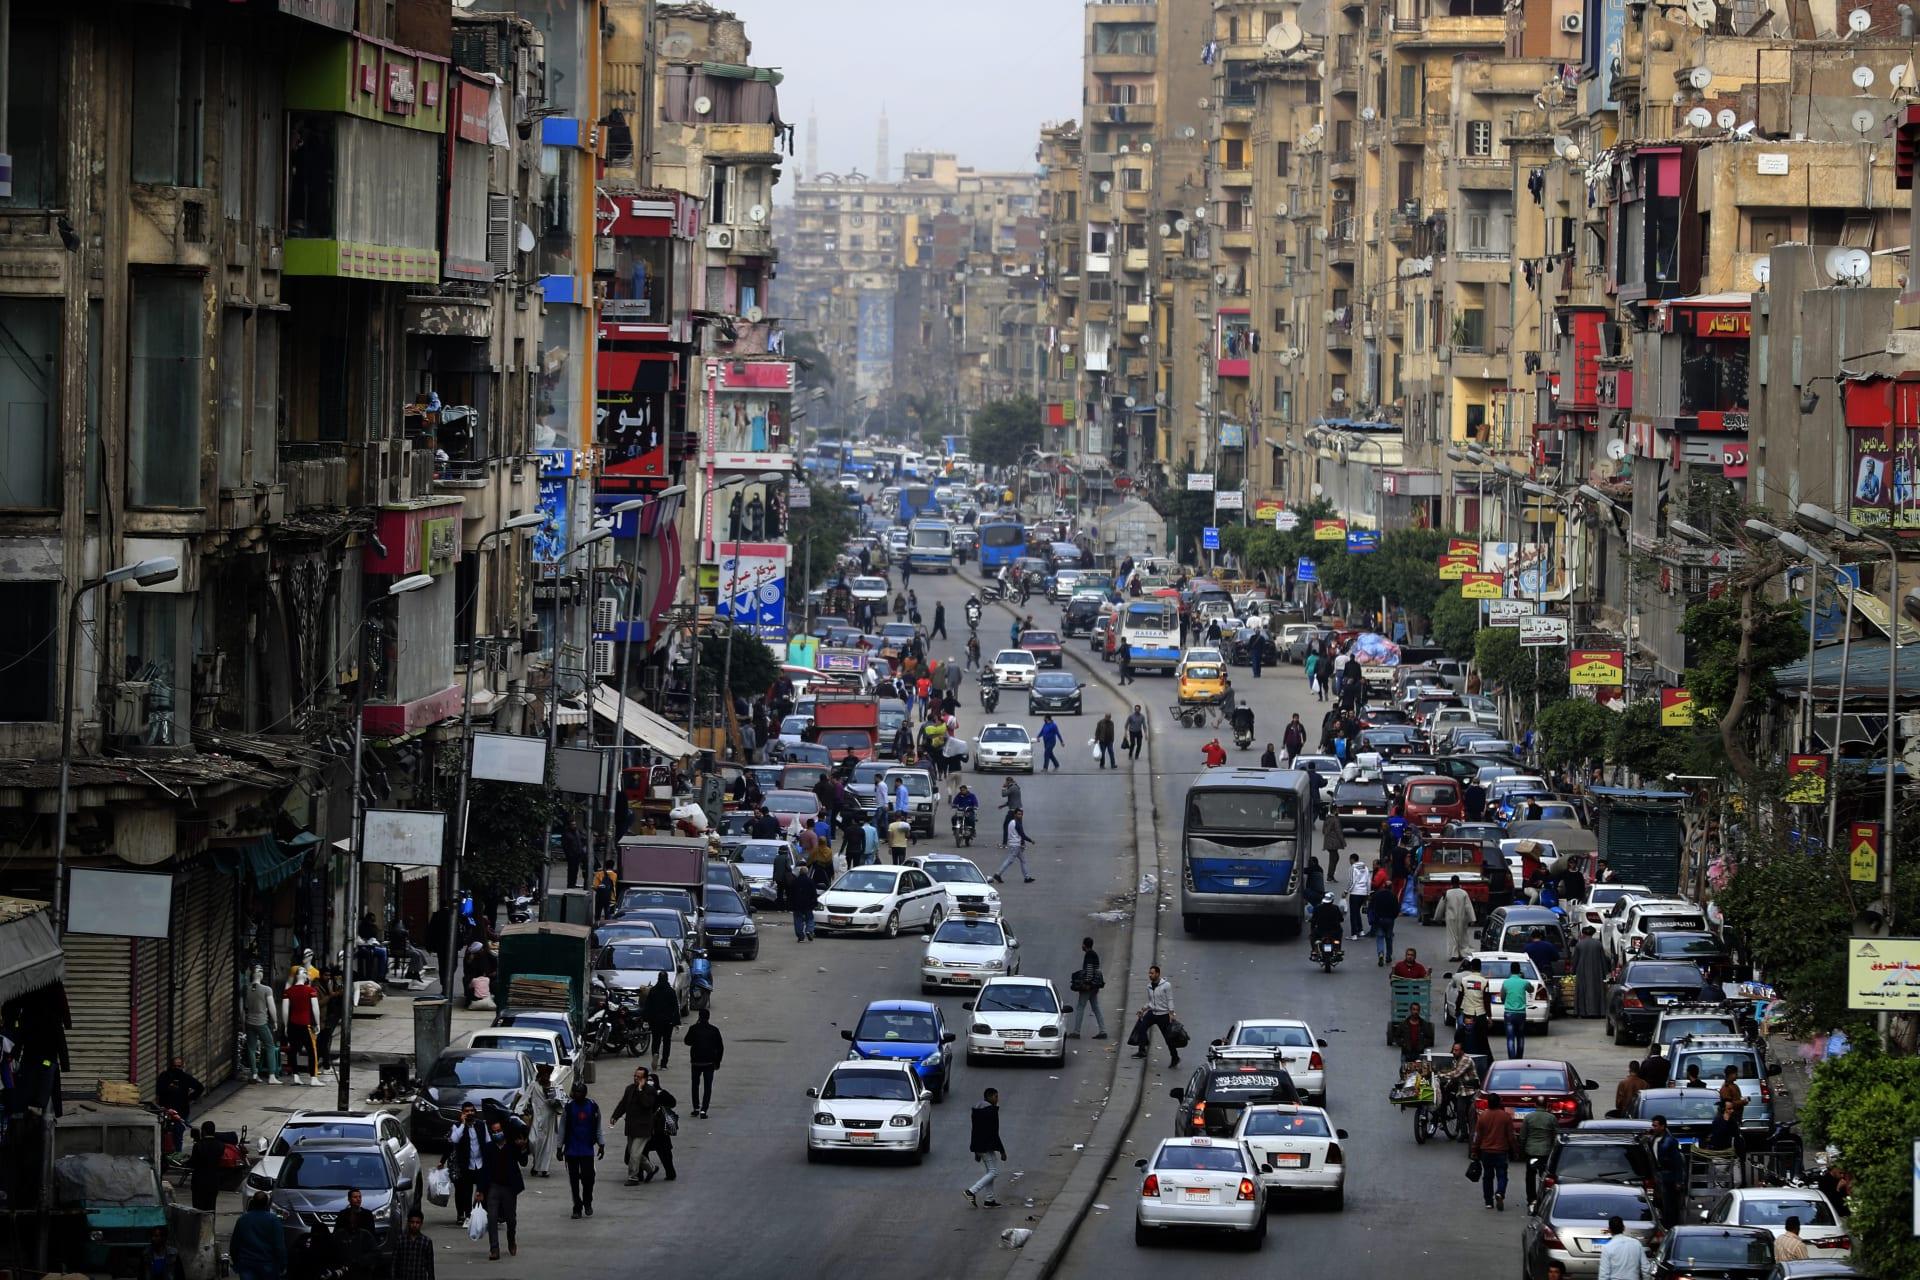 مصر.. حبس يوتيوبر شهير وزوجته بتهمة استغلال ابنتهما وتعريض حياتها للخطر